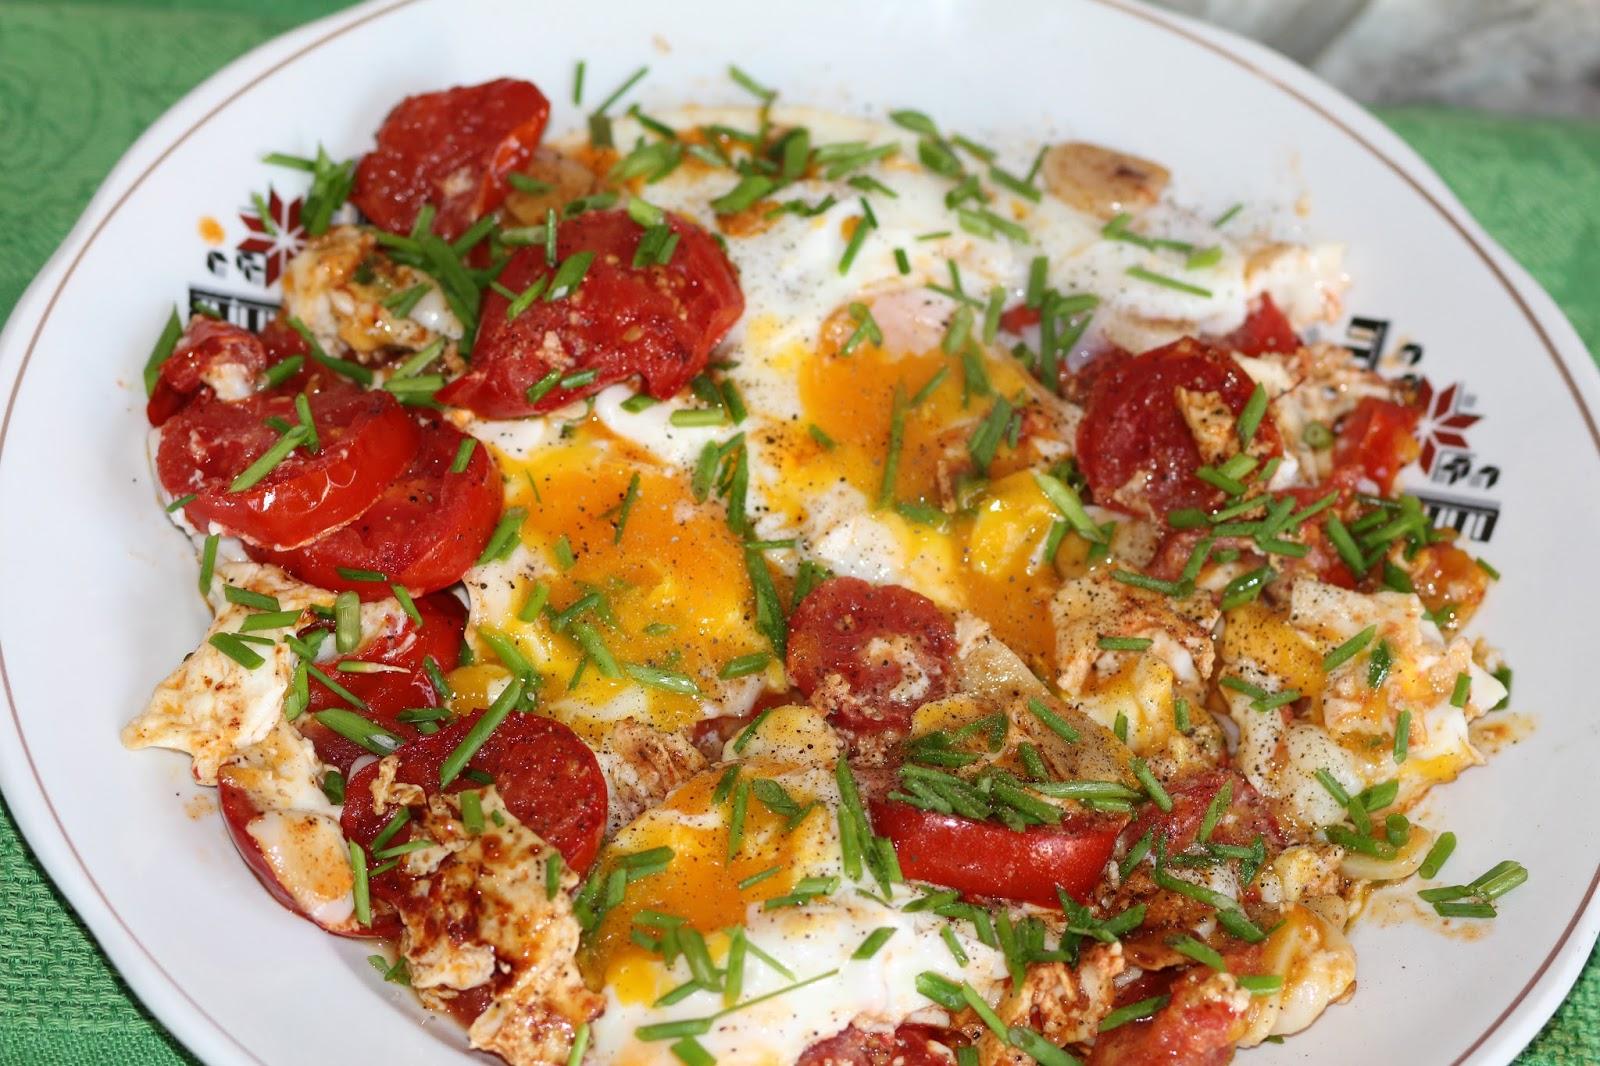 фото яичница с помидорами